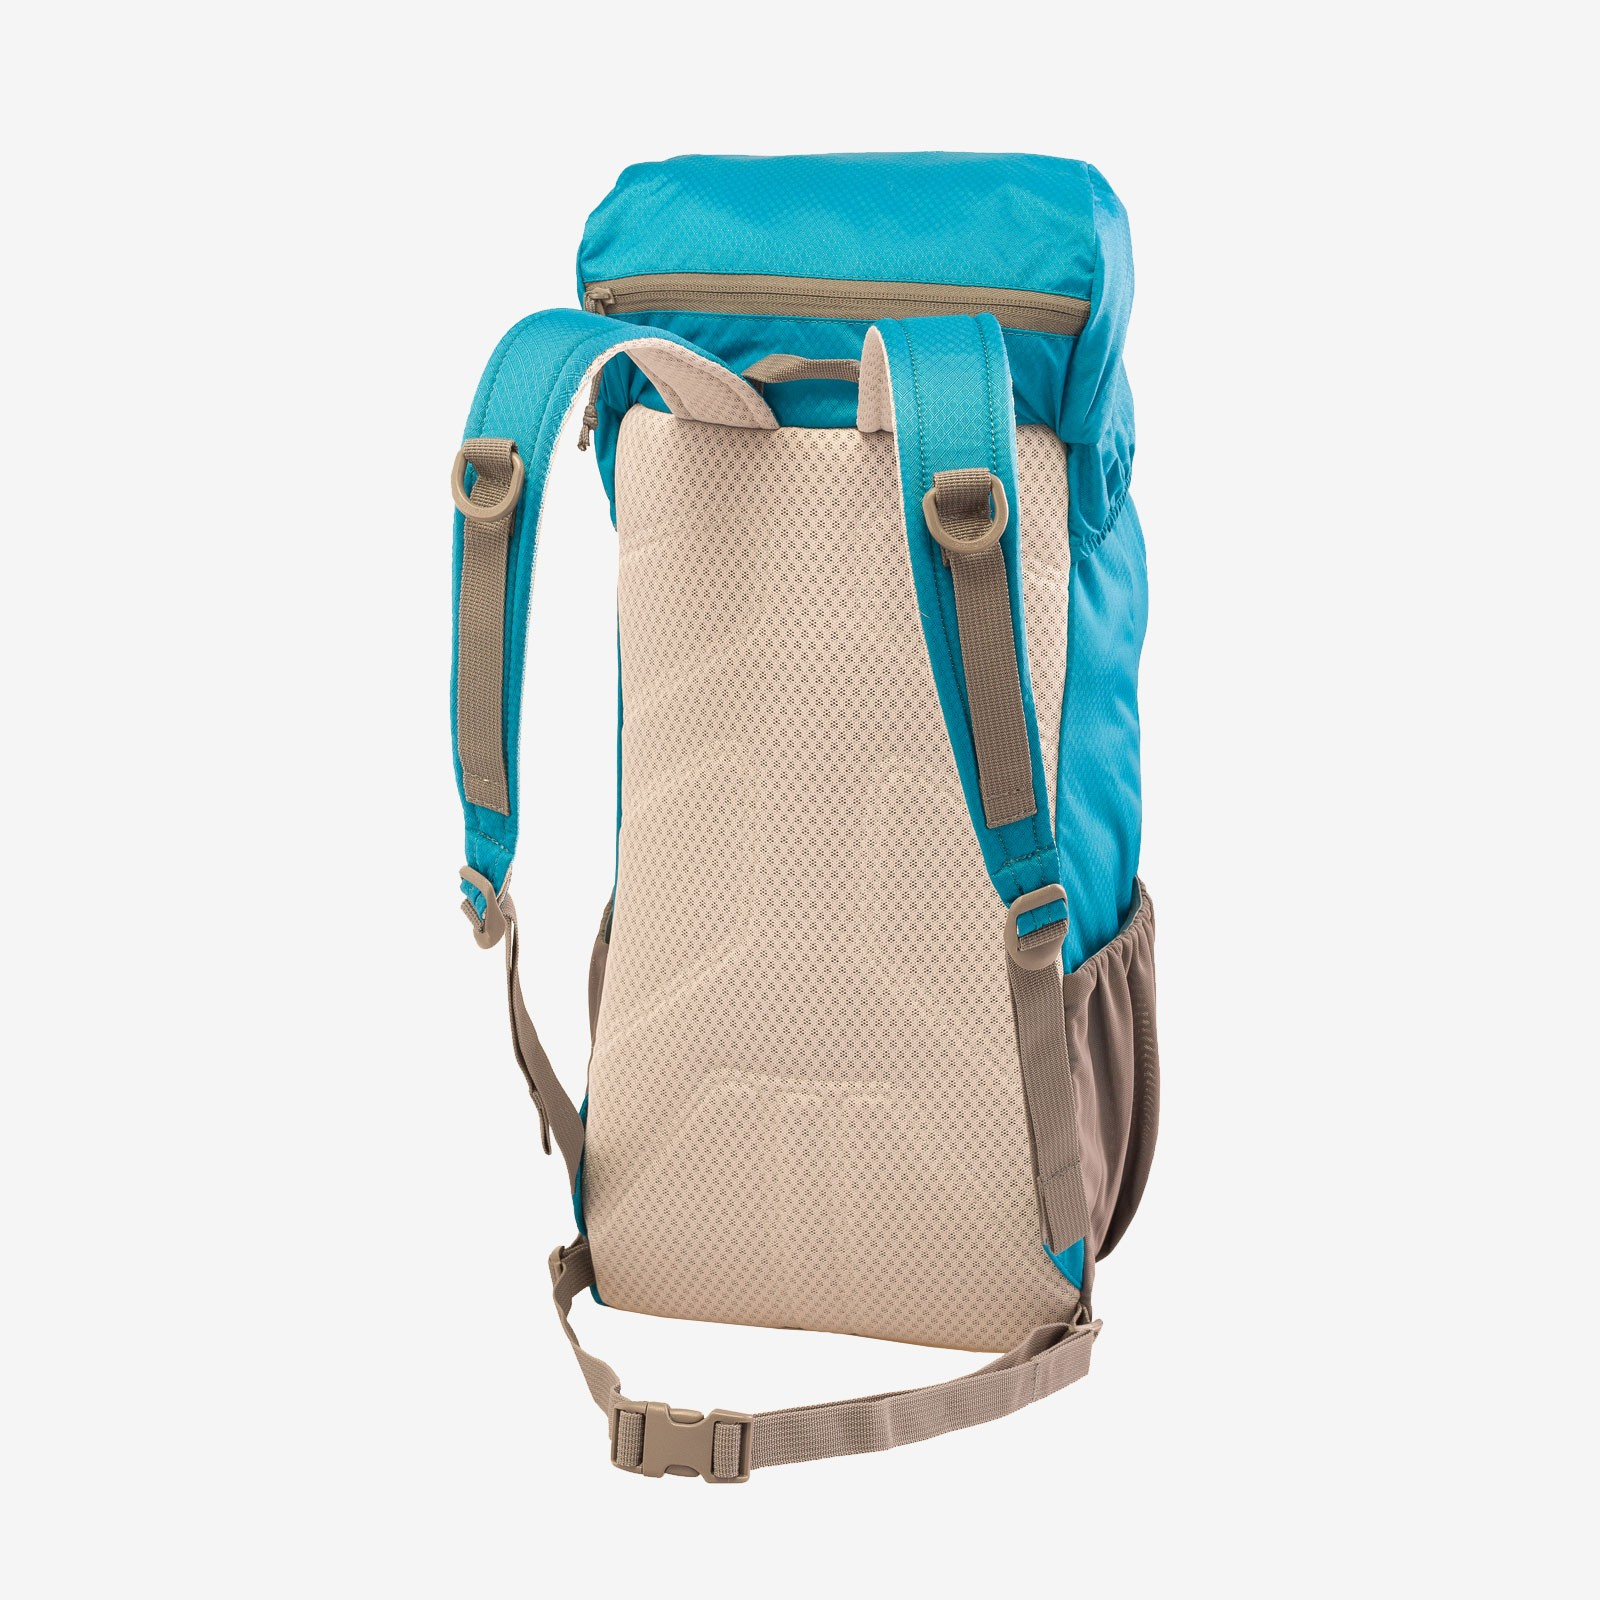 894a137047579 Plecak TOMTE 20 lagoon - Paker - Tylko Sprawdzony Sprzęt Turystyczny